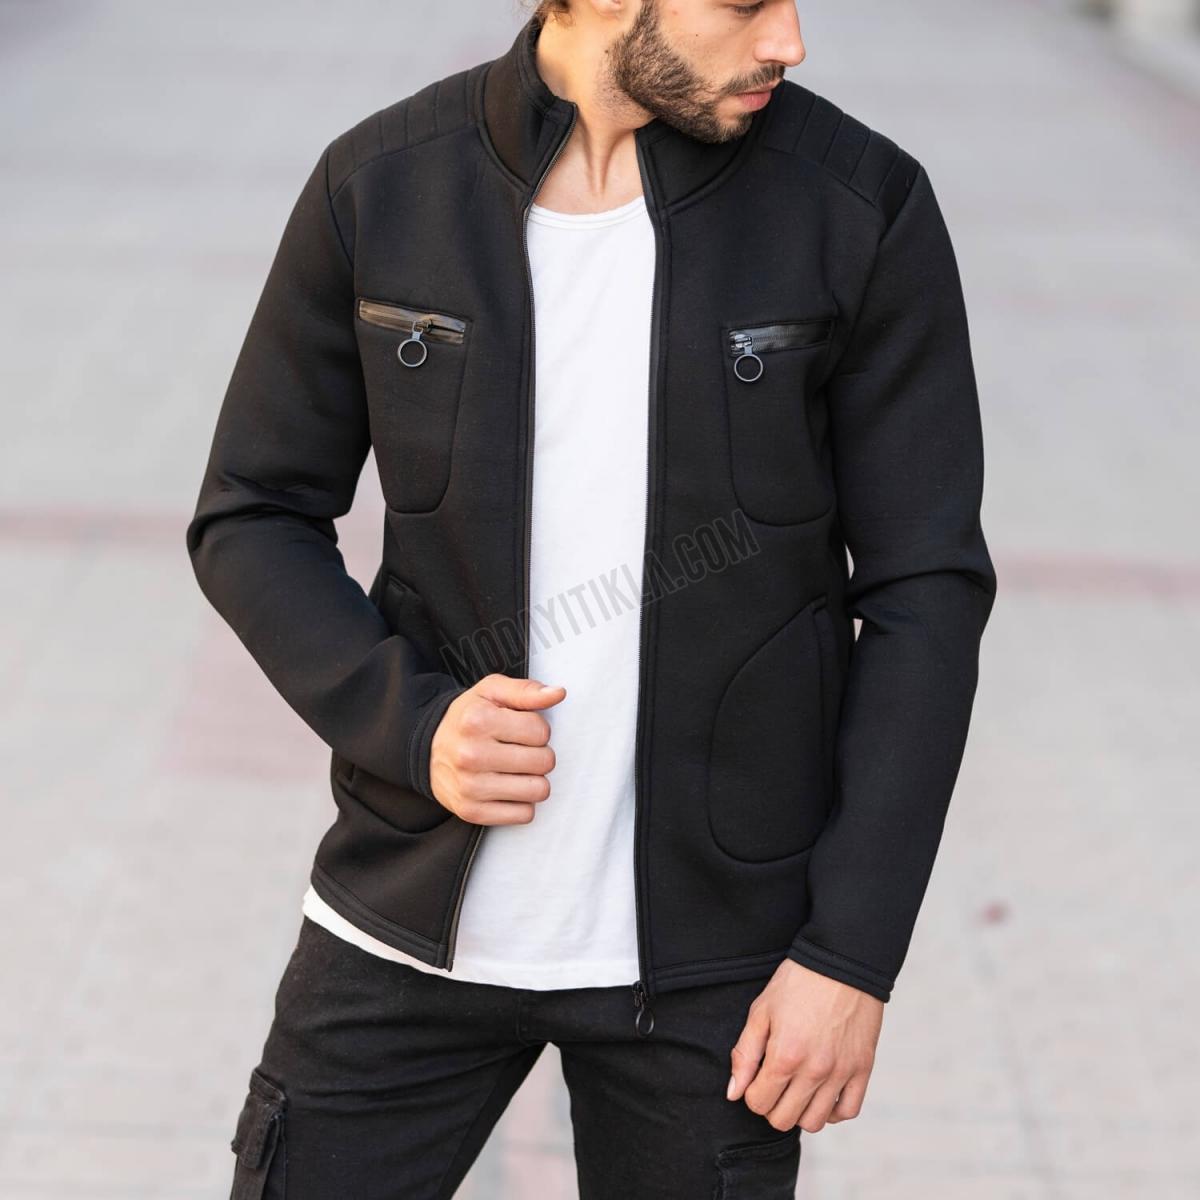 Erkek Mevsimlik Fermuar İşlemeli Ceket